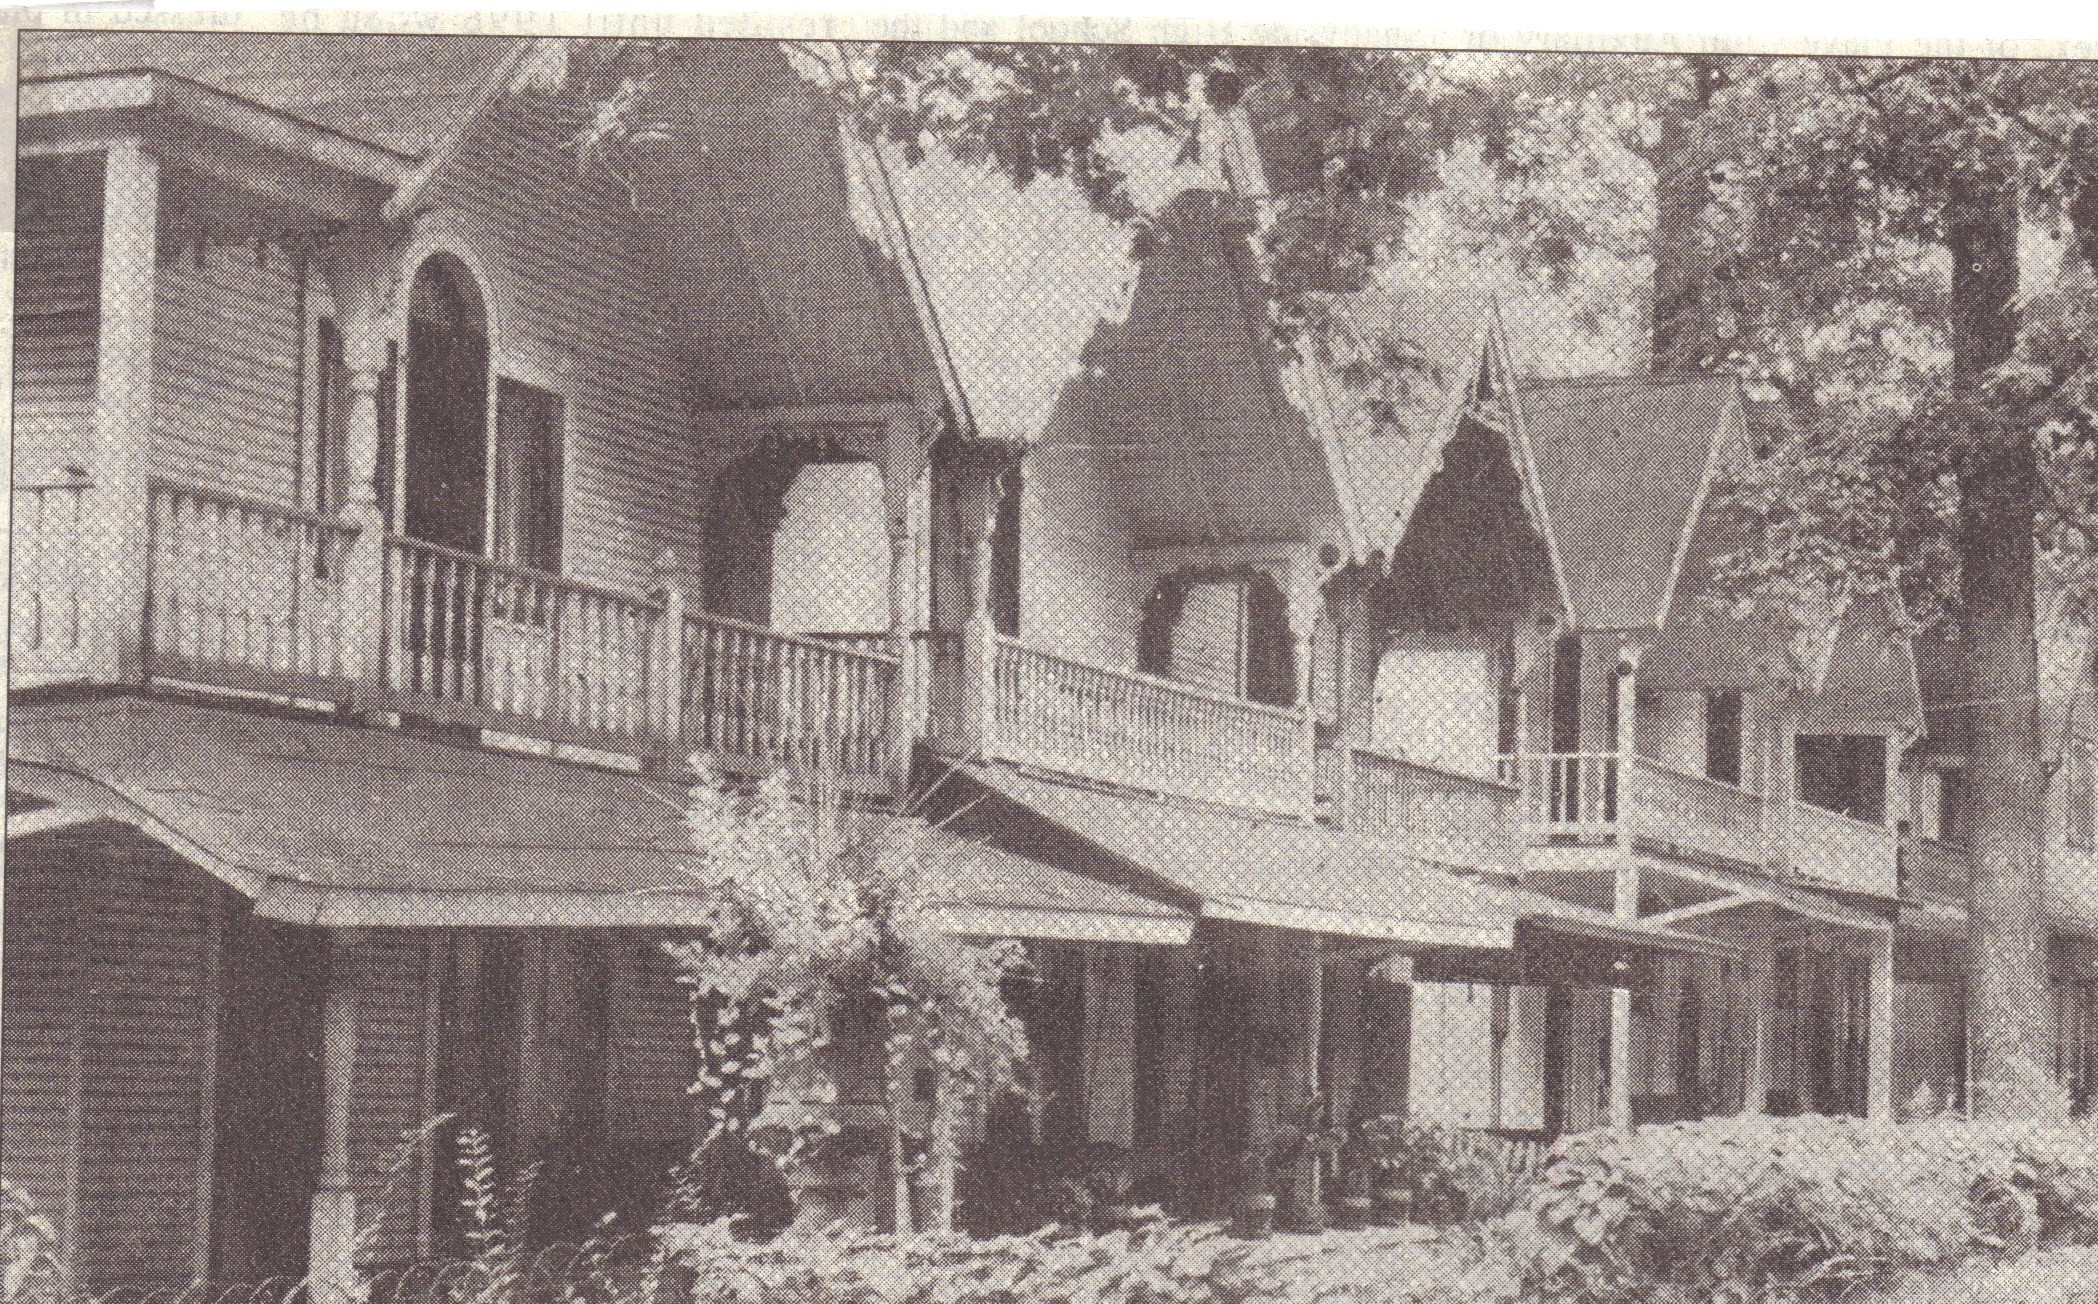 Epworth Park cottages